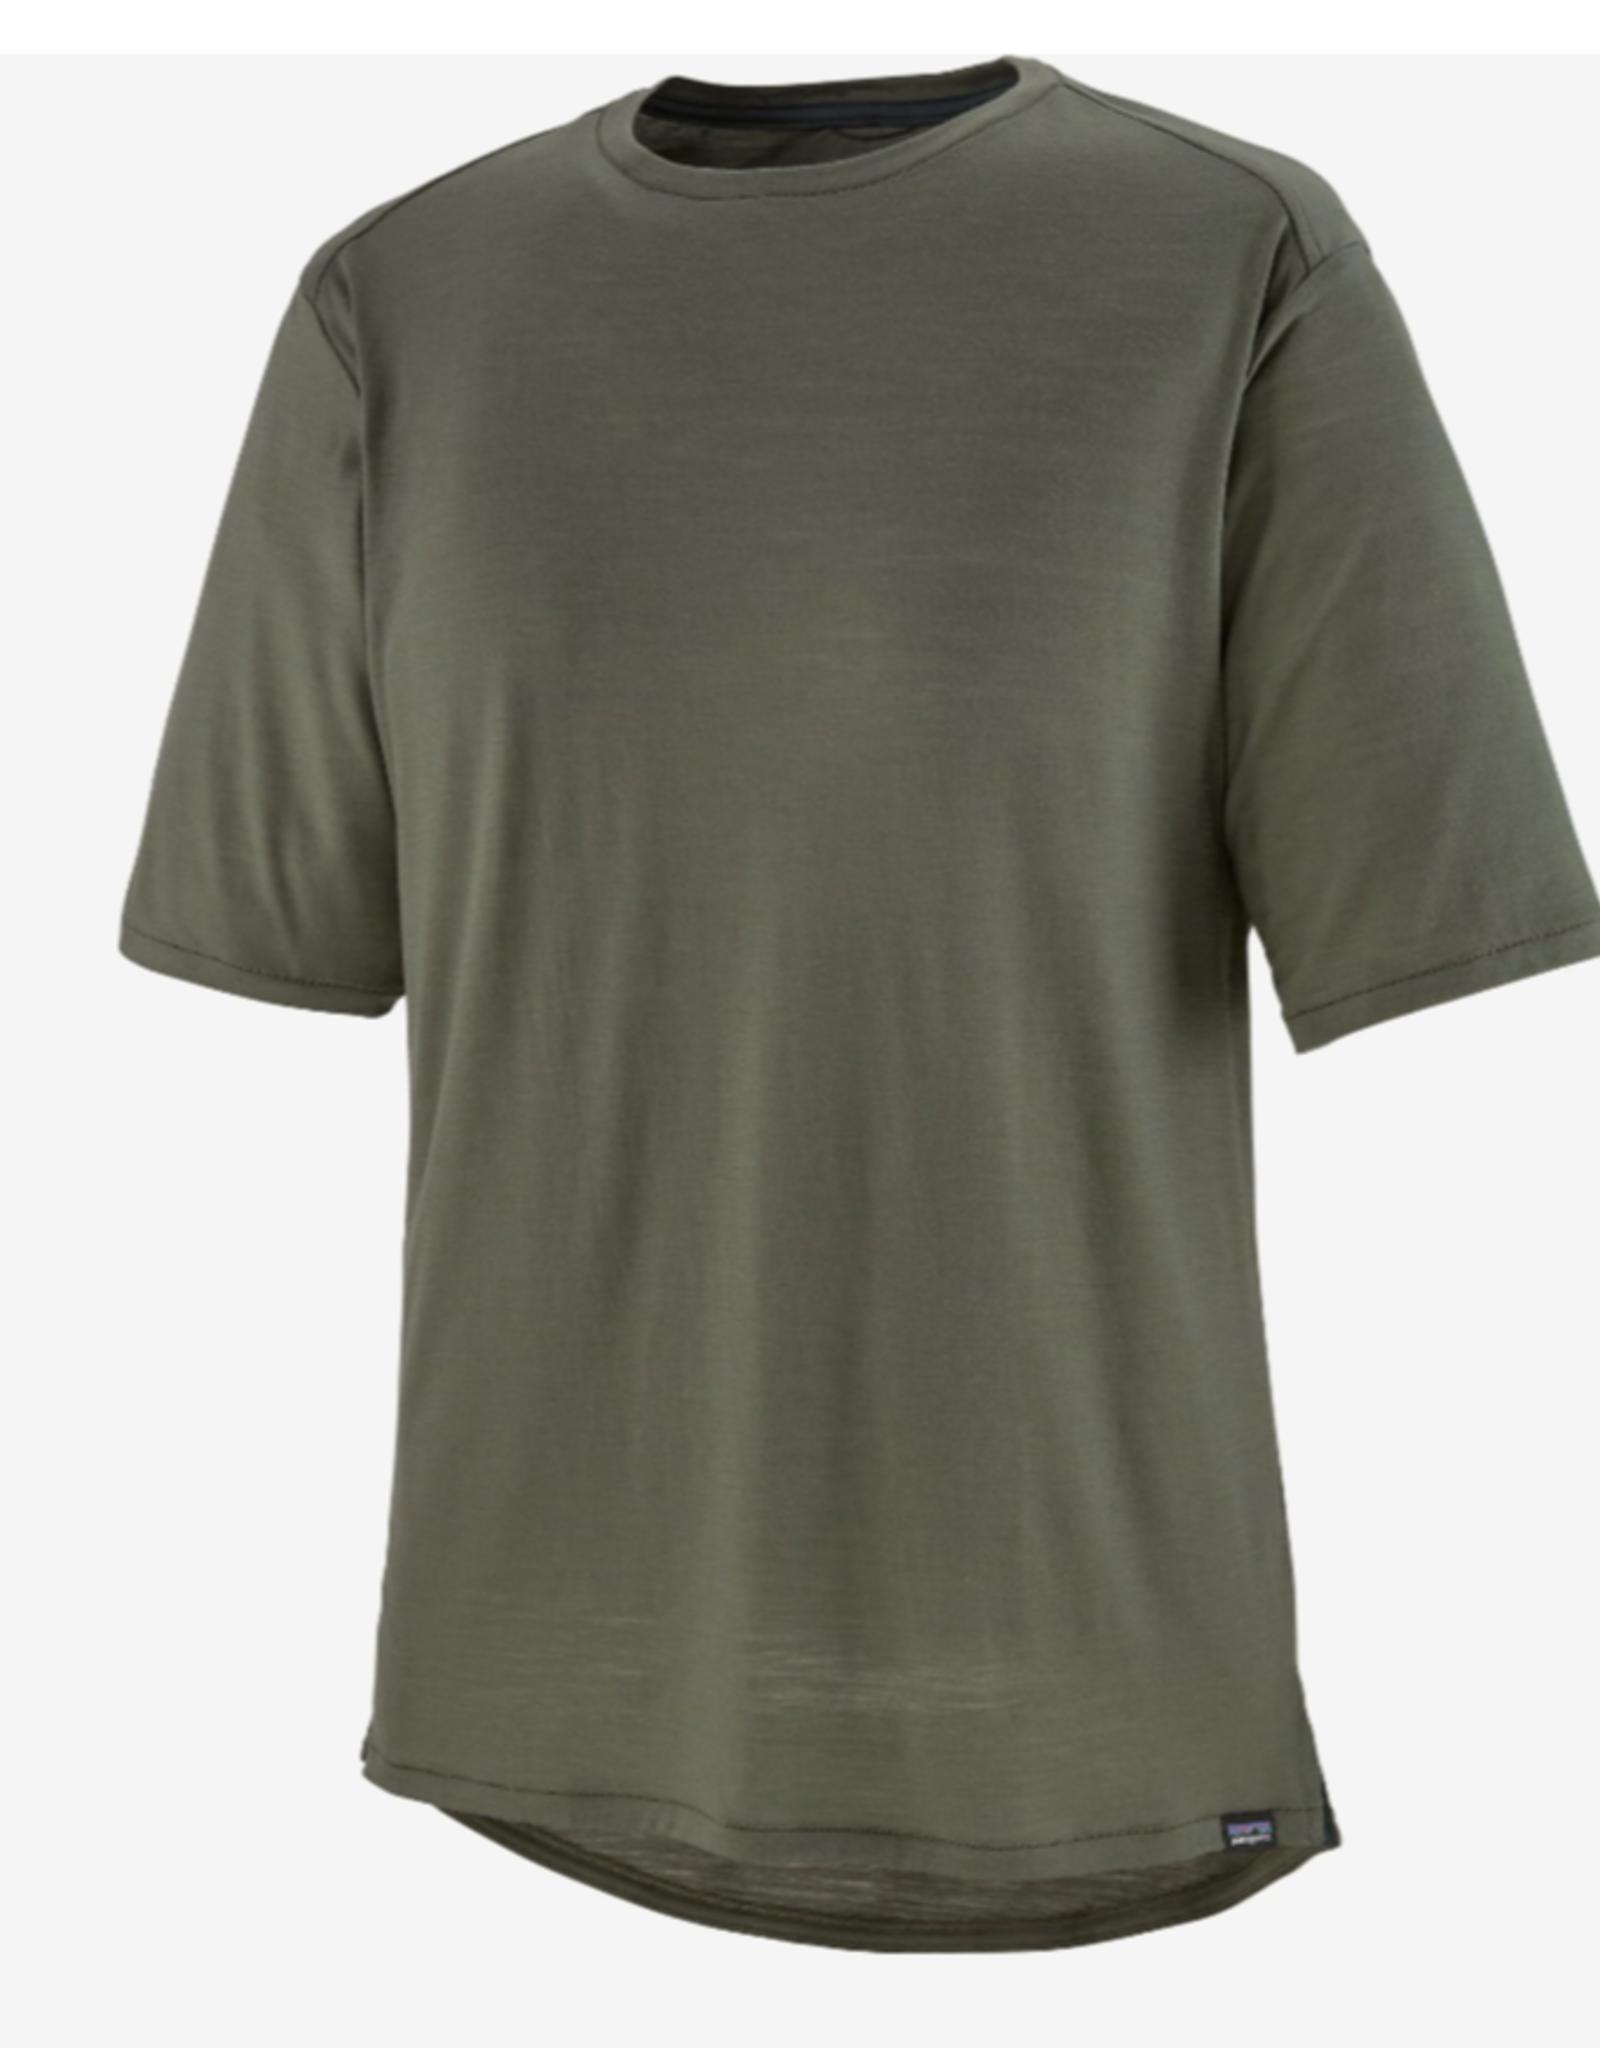 patagonia Merino bike short sleeve shirt heren (ref 23925)